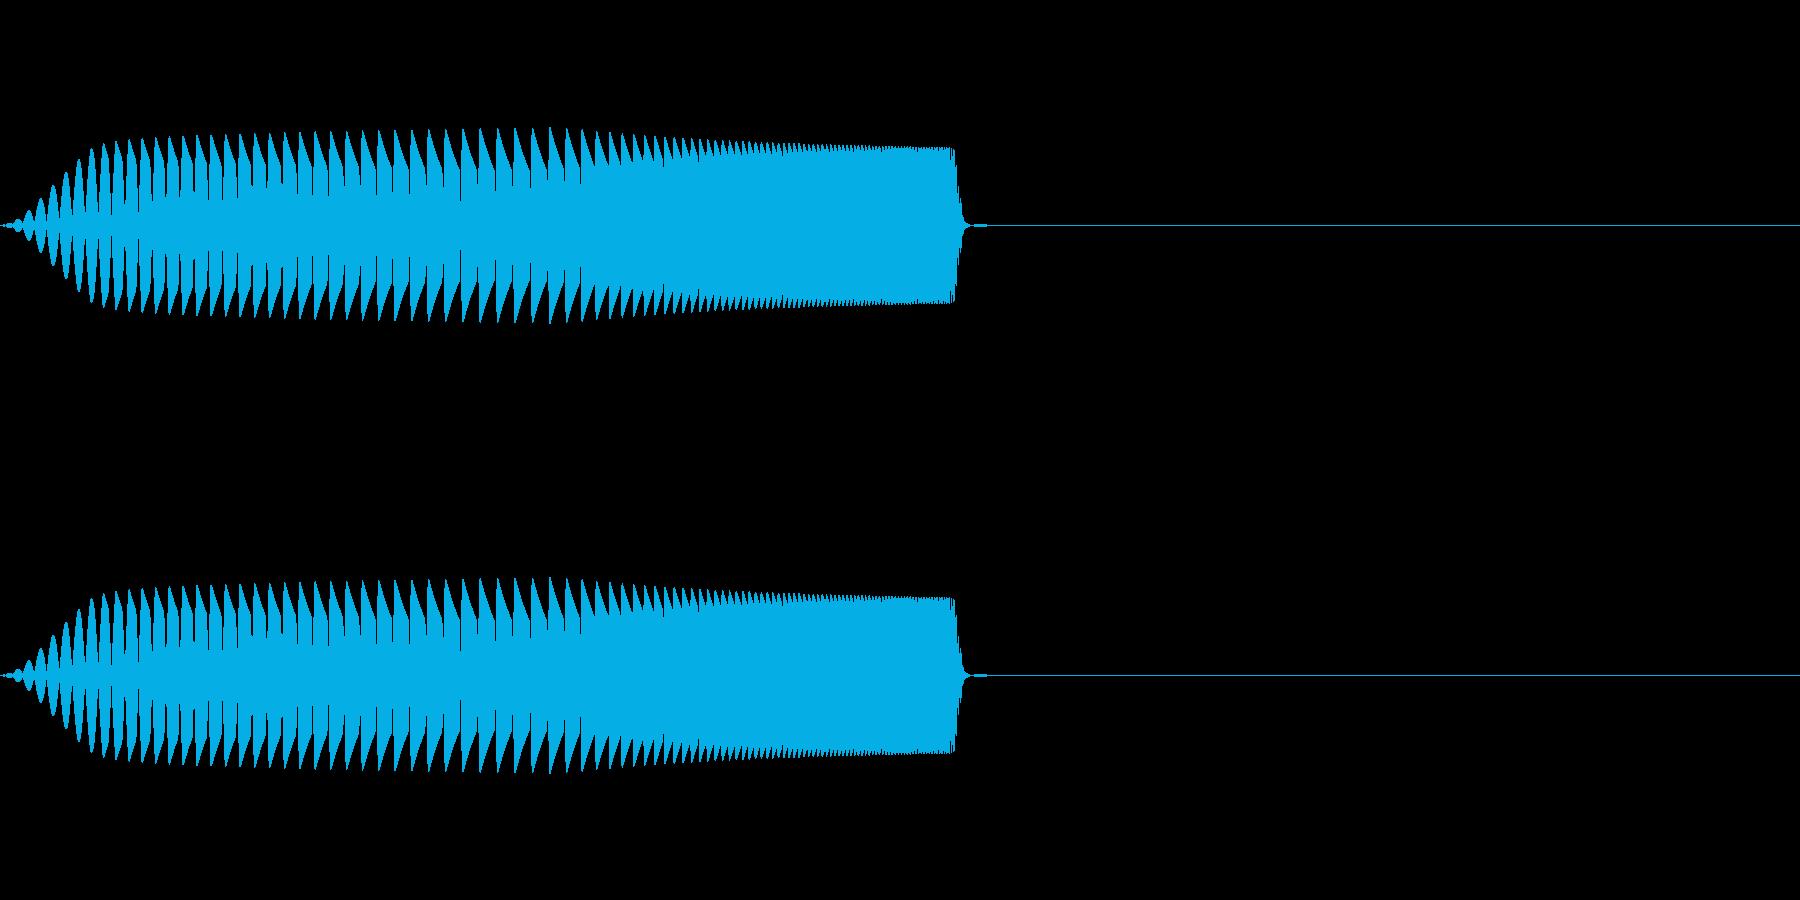 クリック、ボタン、ファンシーな足音2の再生済みの波形